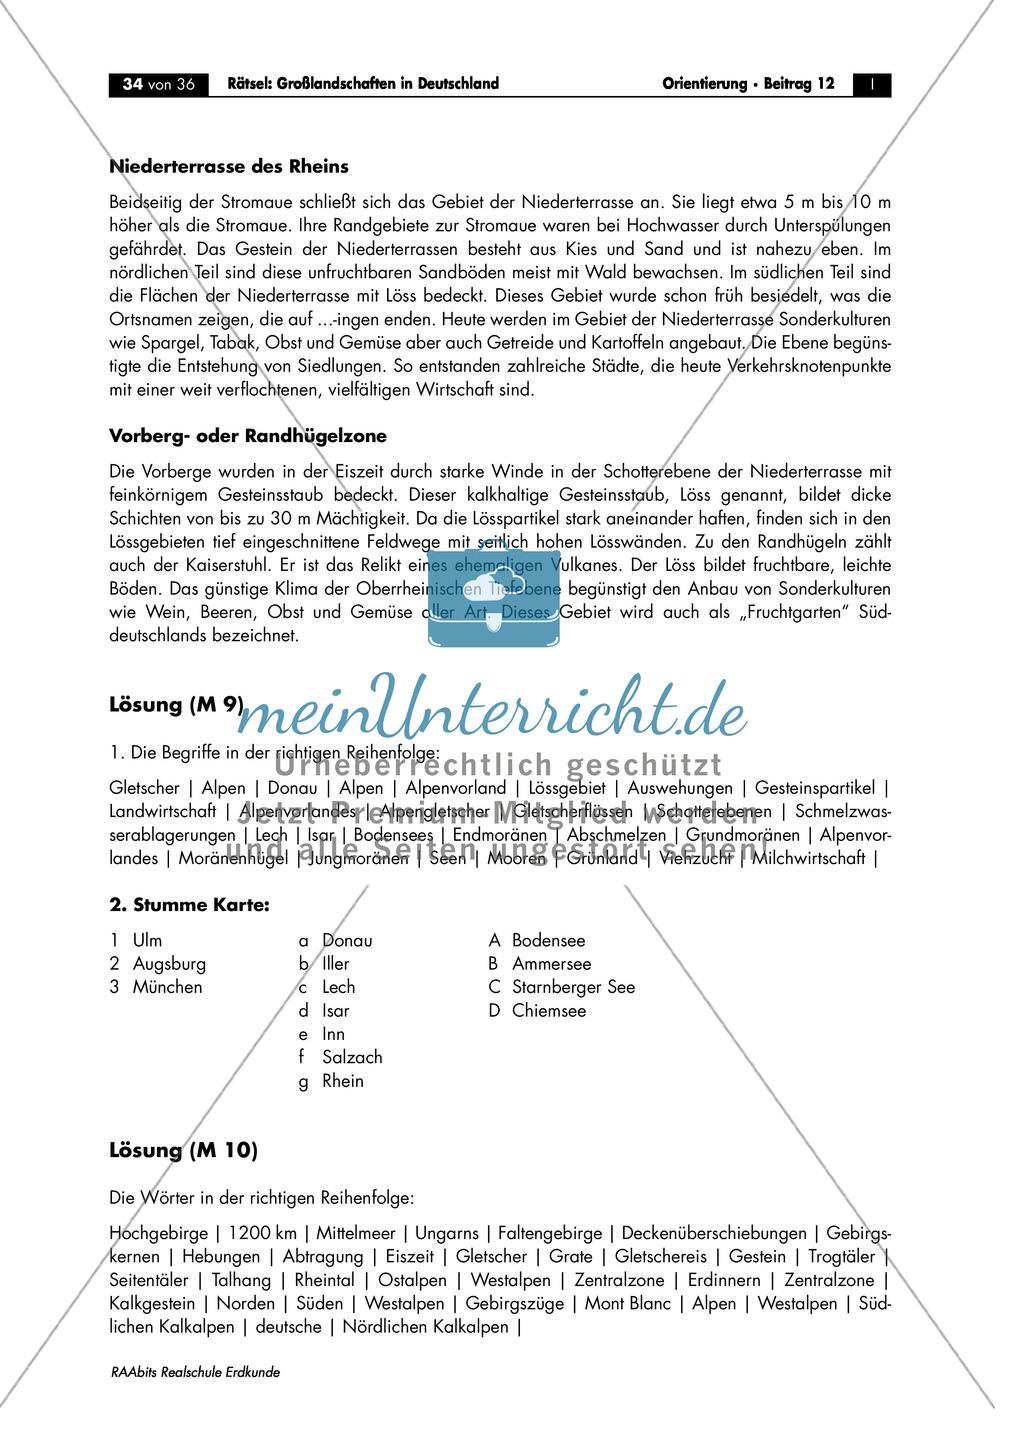 Großlandschaften in Deutschland - ein Rätsel: Die Oberrheinische Tiefebene Preview 4